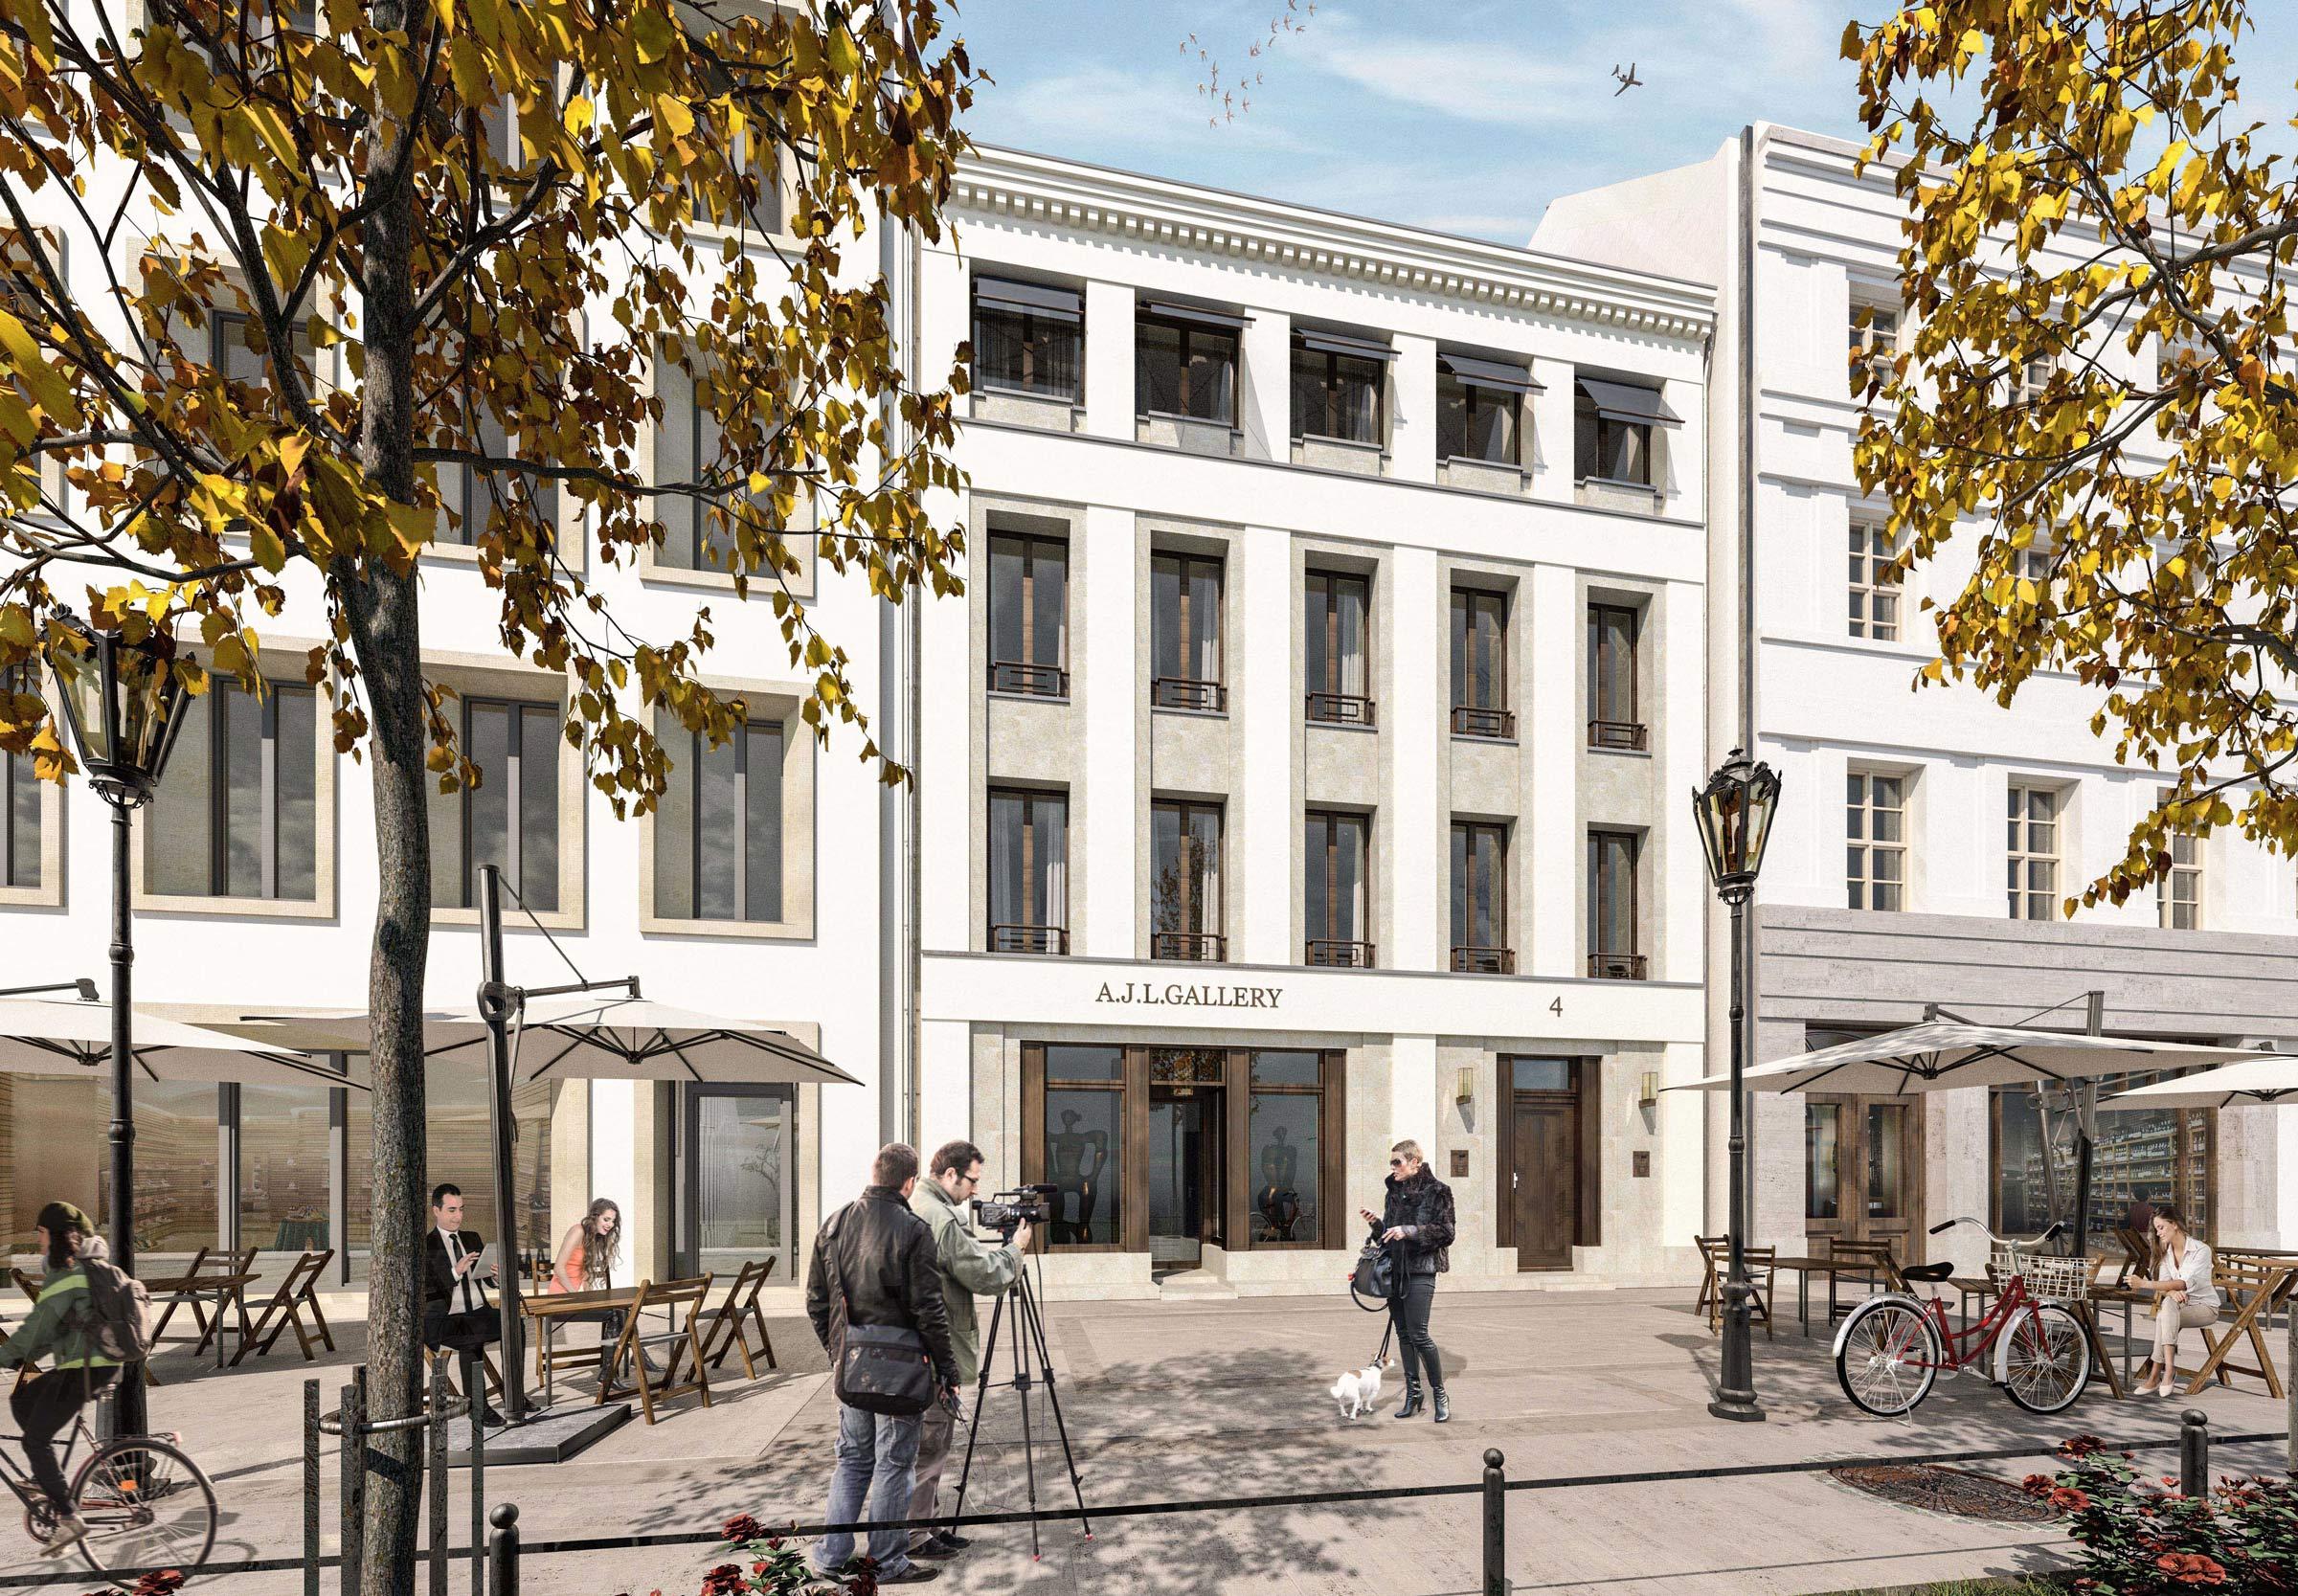 NEUE MITTE POTSDAM – Neubau städtisches Wohnhaus am Steubenplatz - Sandstein, Putzlisenen und Gesimse bilden das Relief der Straßenfassade.